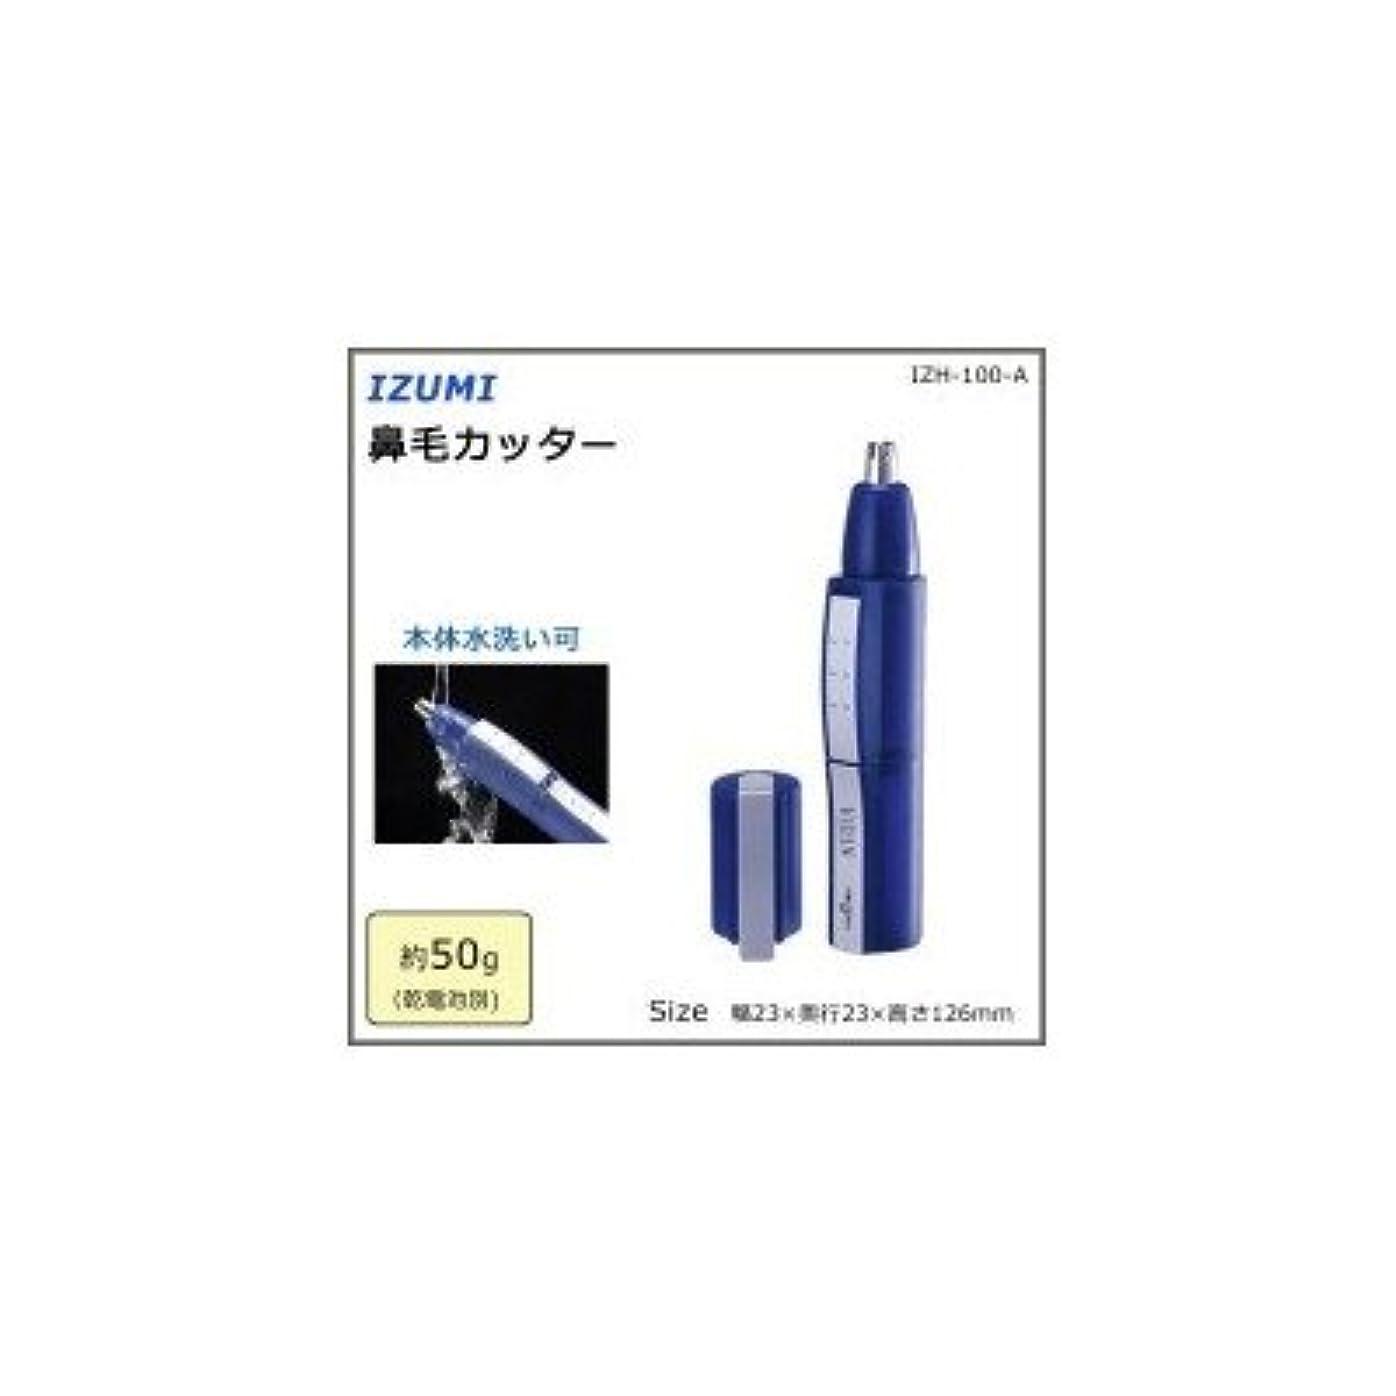 ピア構成員大脳IZUMI 鼻毛カッター IZH-100-A 手軽に選べて機能充実 できる男のみだしなみ